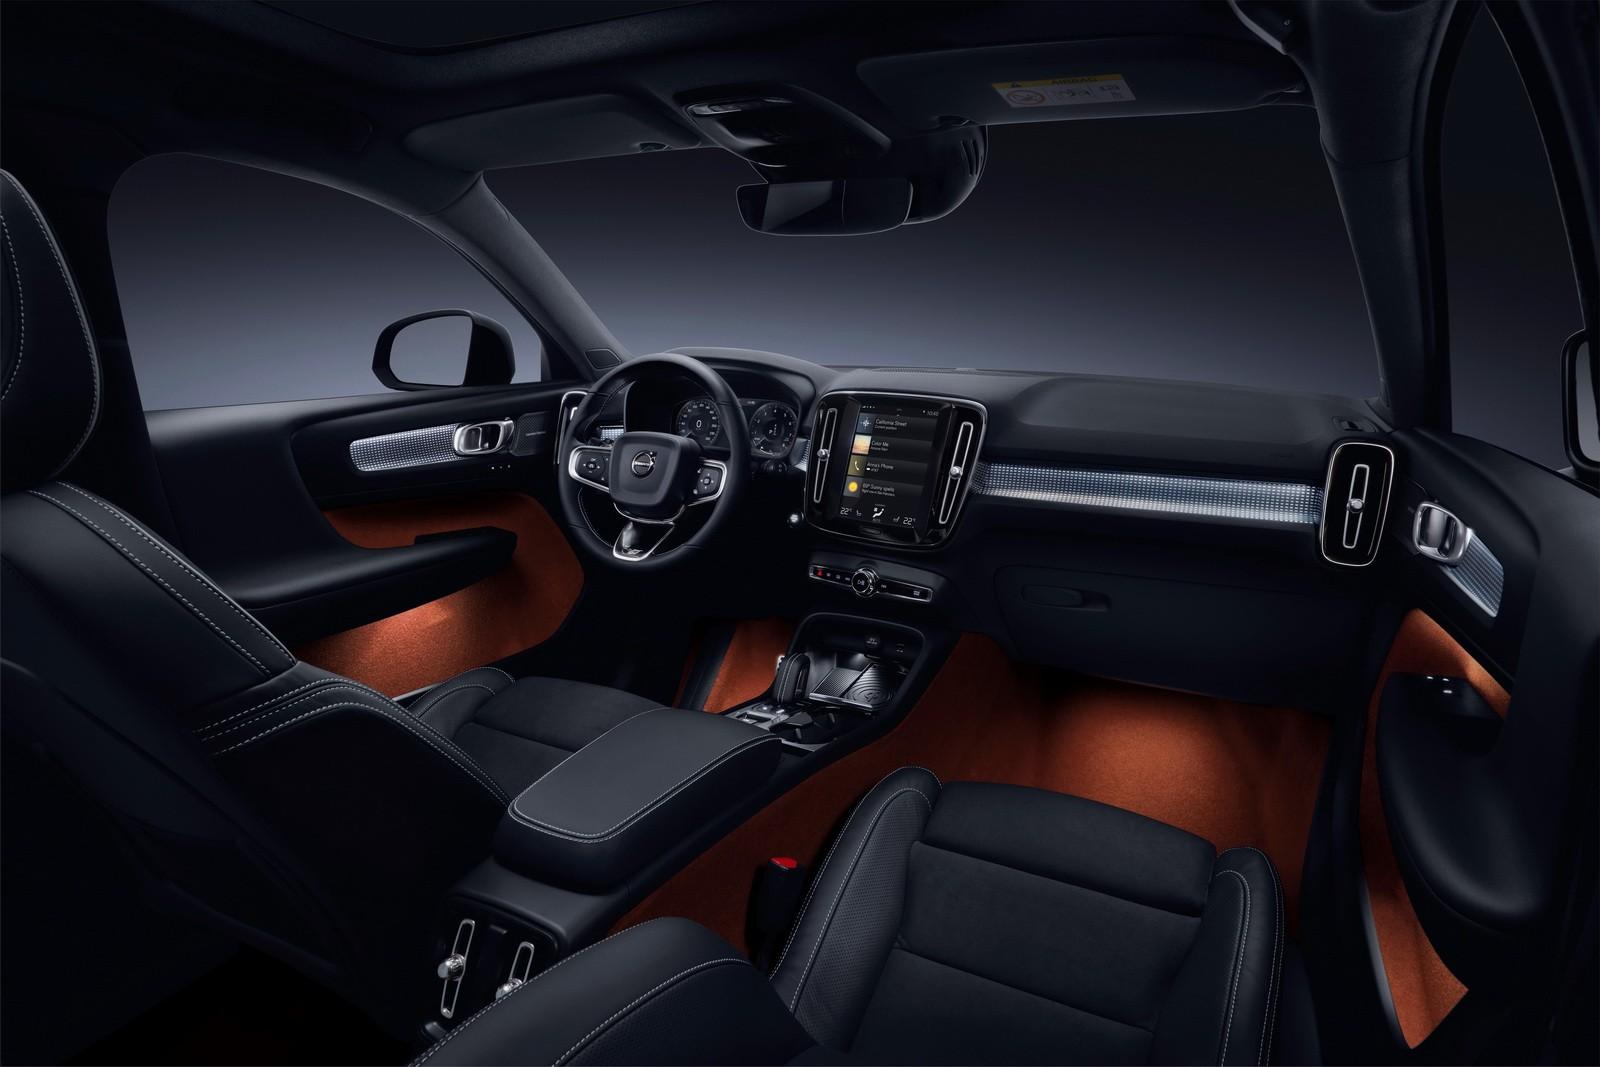 Xe++ - Xem trước SUV Volvo XC40 mới dành cho thị trường Bắc Mỹ (Hình 6).